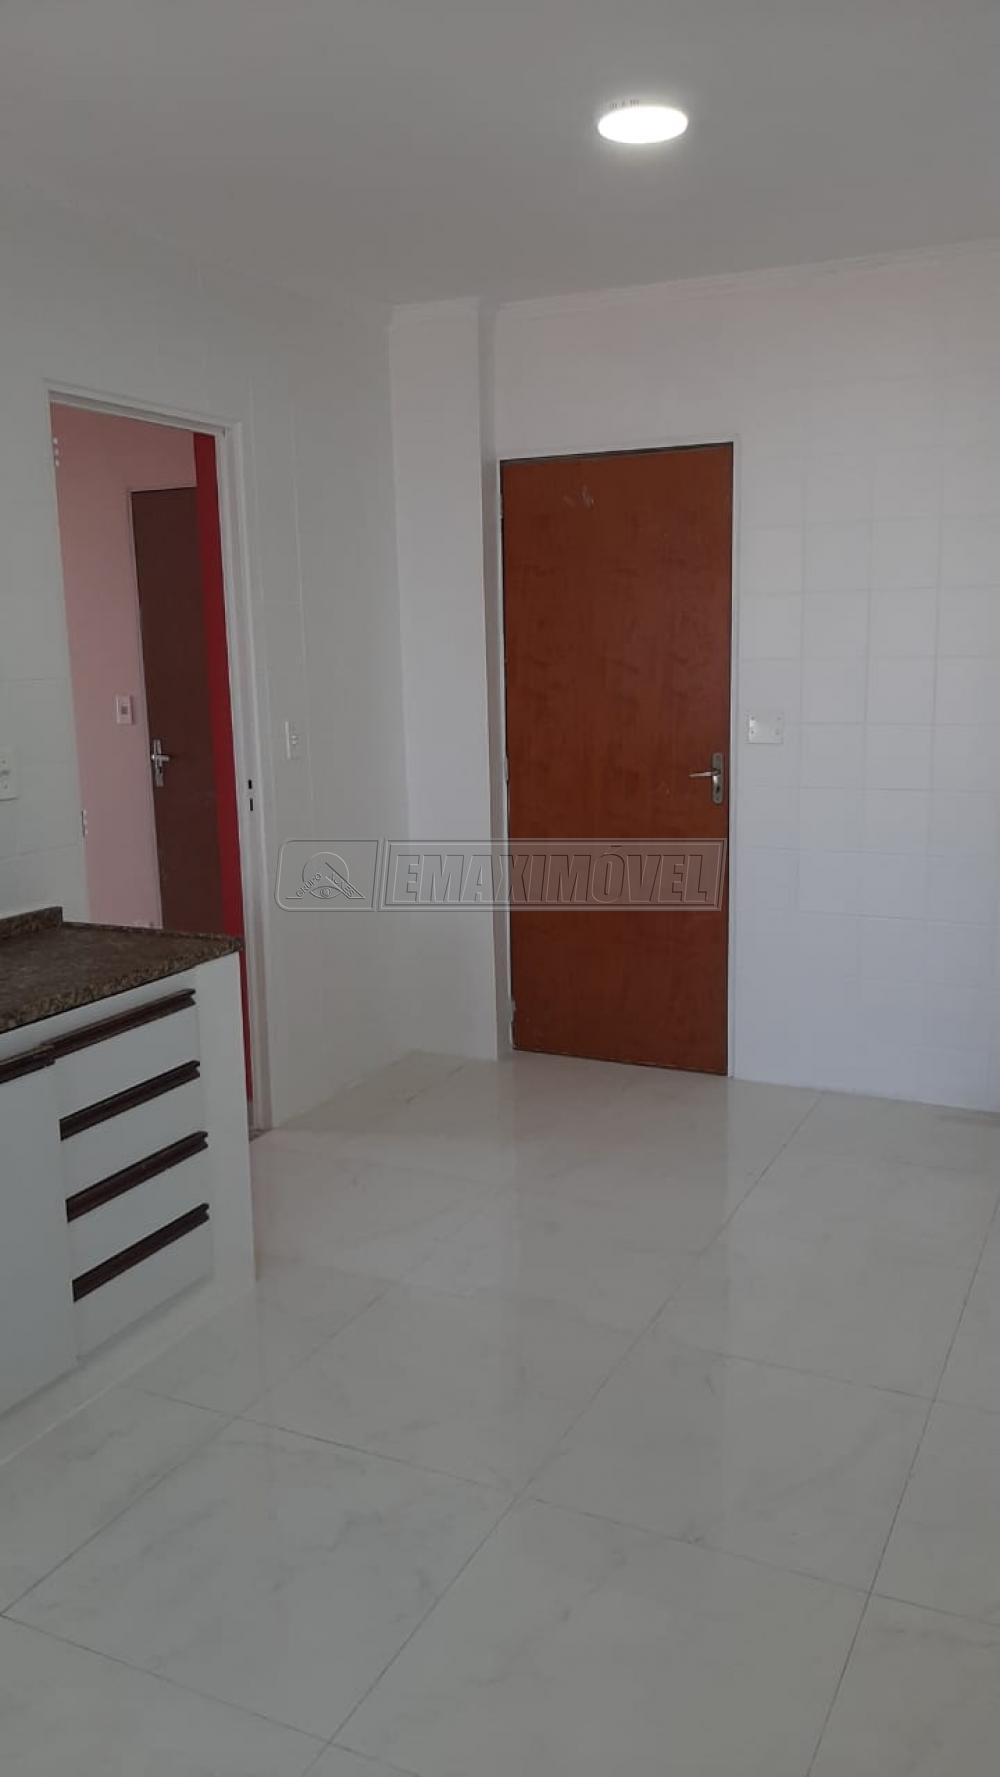 Comprar Apartamentos / Apto Padrão em Sorocaba apenas R$ 335.000,00 - Foto 20